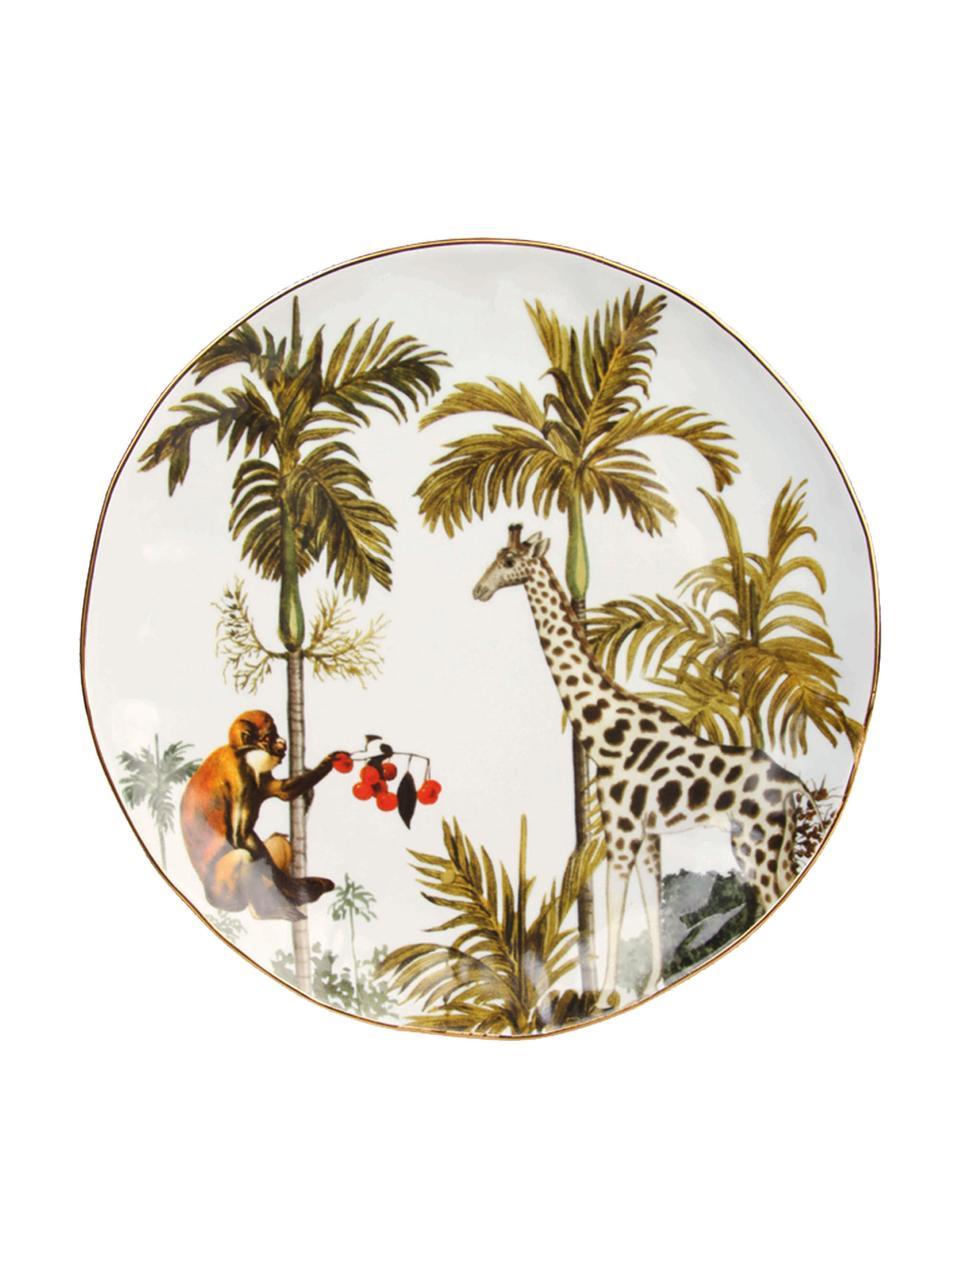 Komplet talerzy śniadaniowych Animaux, 4 elem., Porcelana, Wielobarwny, Ø 20 cm